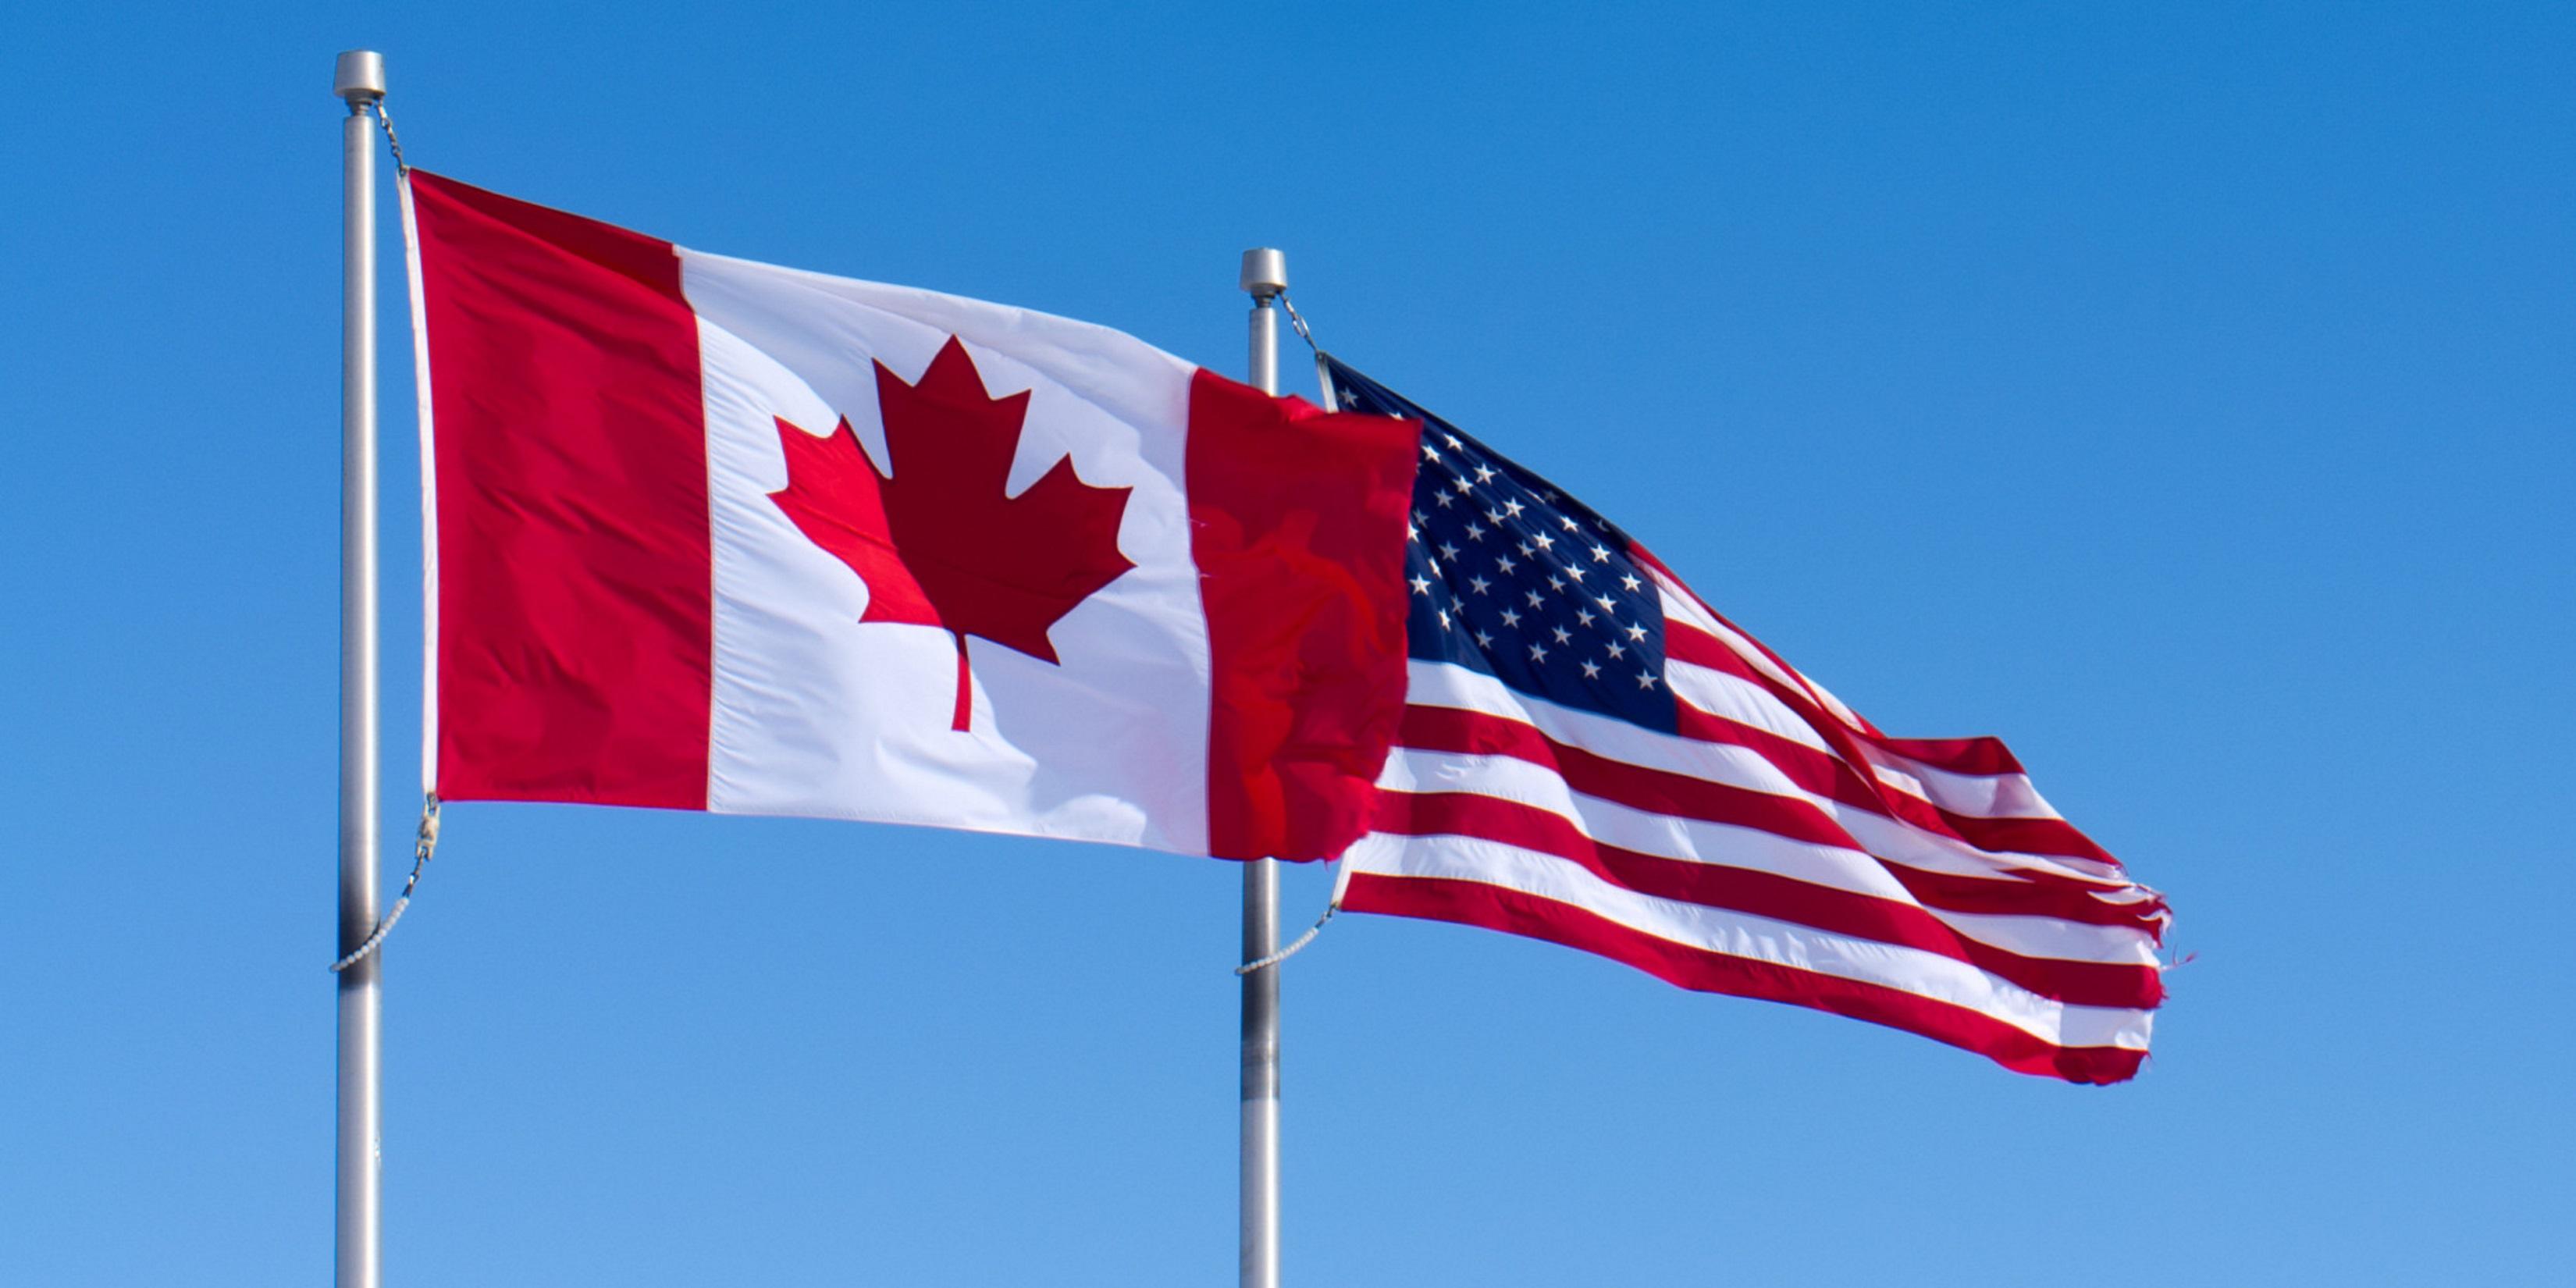 كندا والولايات المتحدة في الشوط الأخير من المفاوضات لتحديث اتفاقية التجارة الحرّة